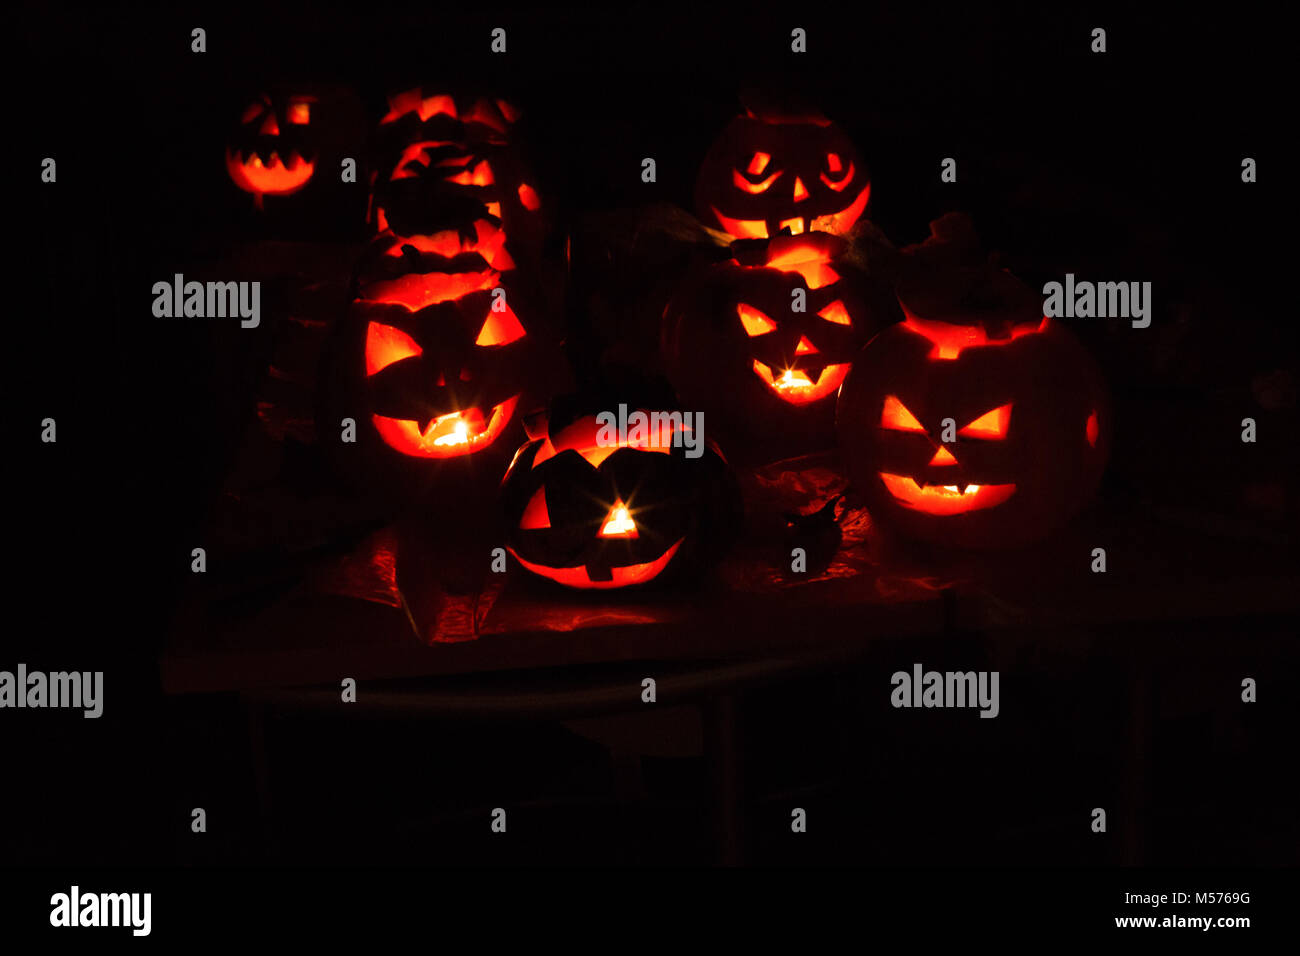 Kürbis - Jack, schrecklich, unheimlich, Nacht, schwarz, Leuchten, Lampe, Kerze, rot hinterlegt, in der Dunkelheit, Stockbild